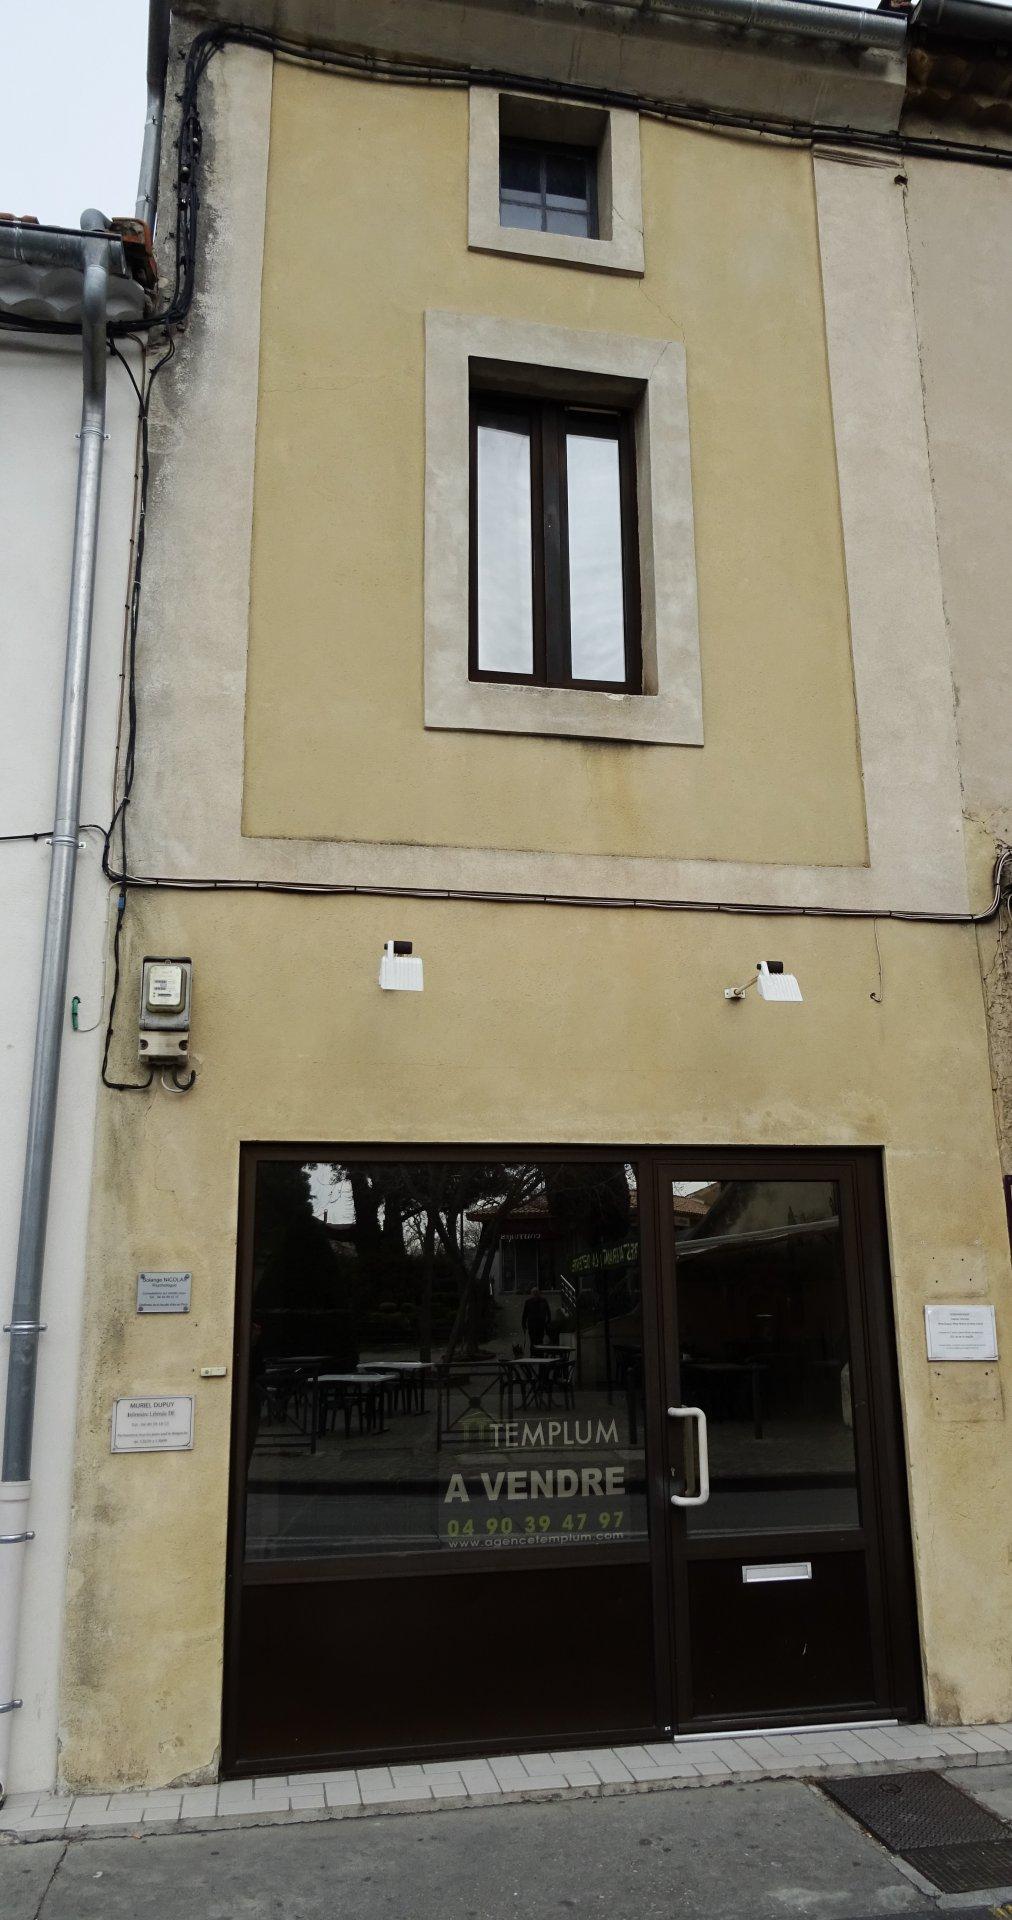 Vente Immeuble - Sorgues